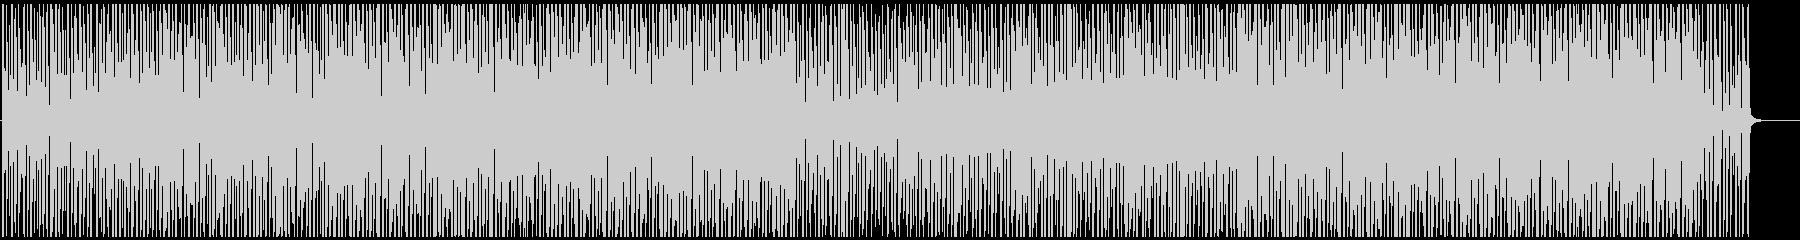 映像用おしゃれボサノバサンバ明るいリズムの未再生の波形